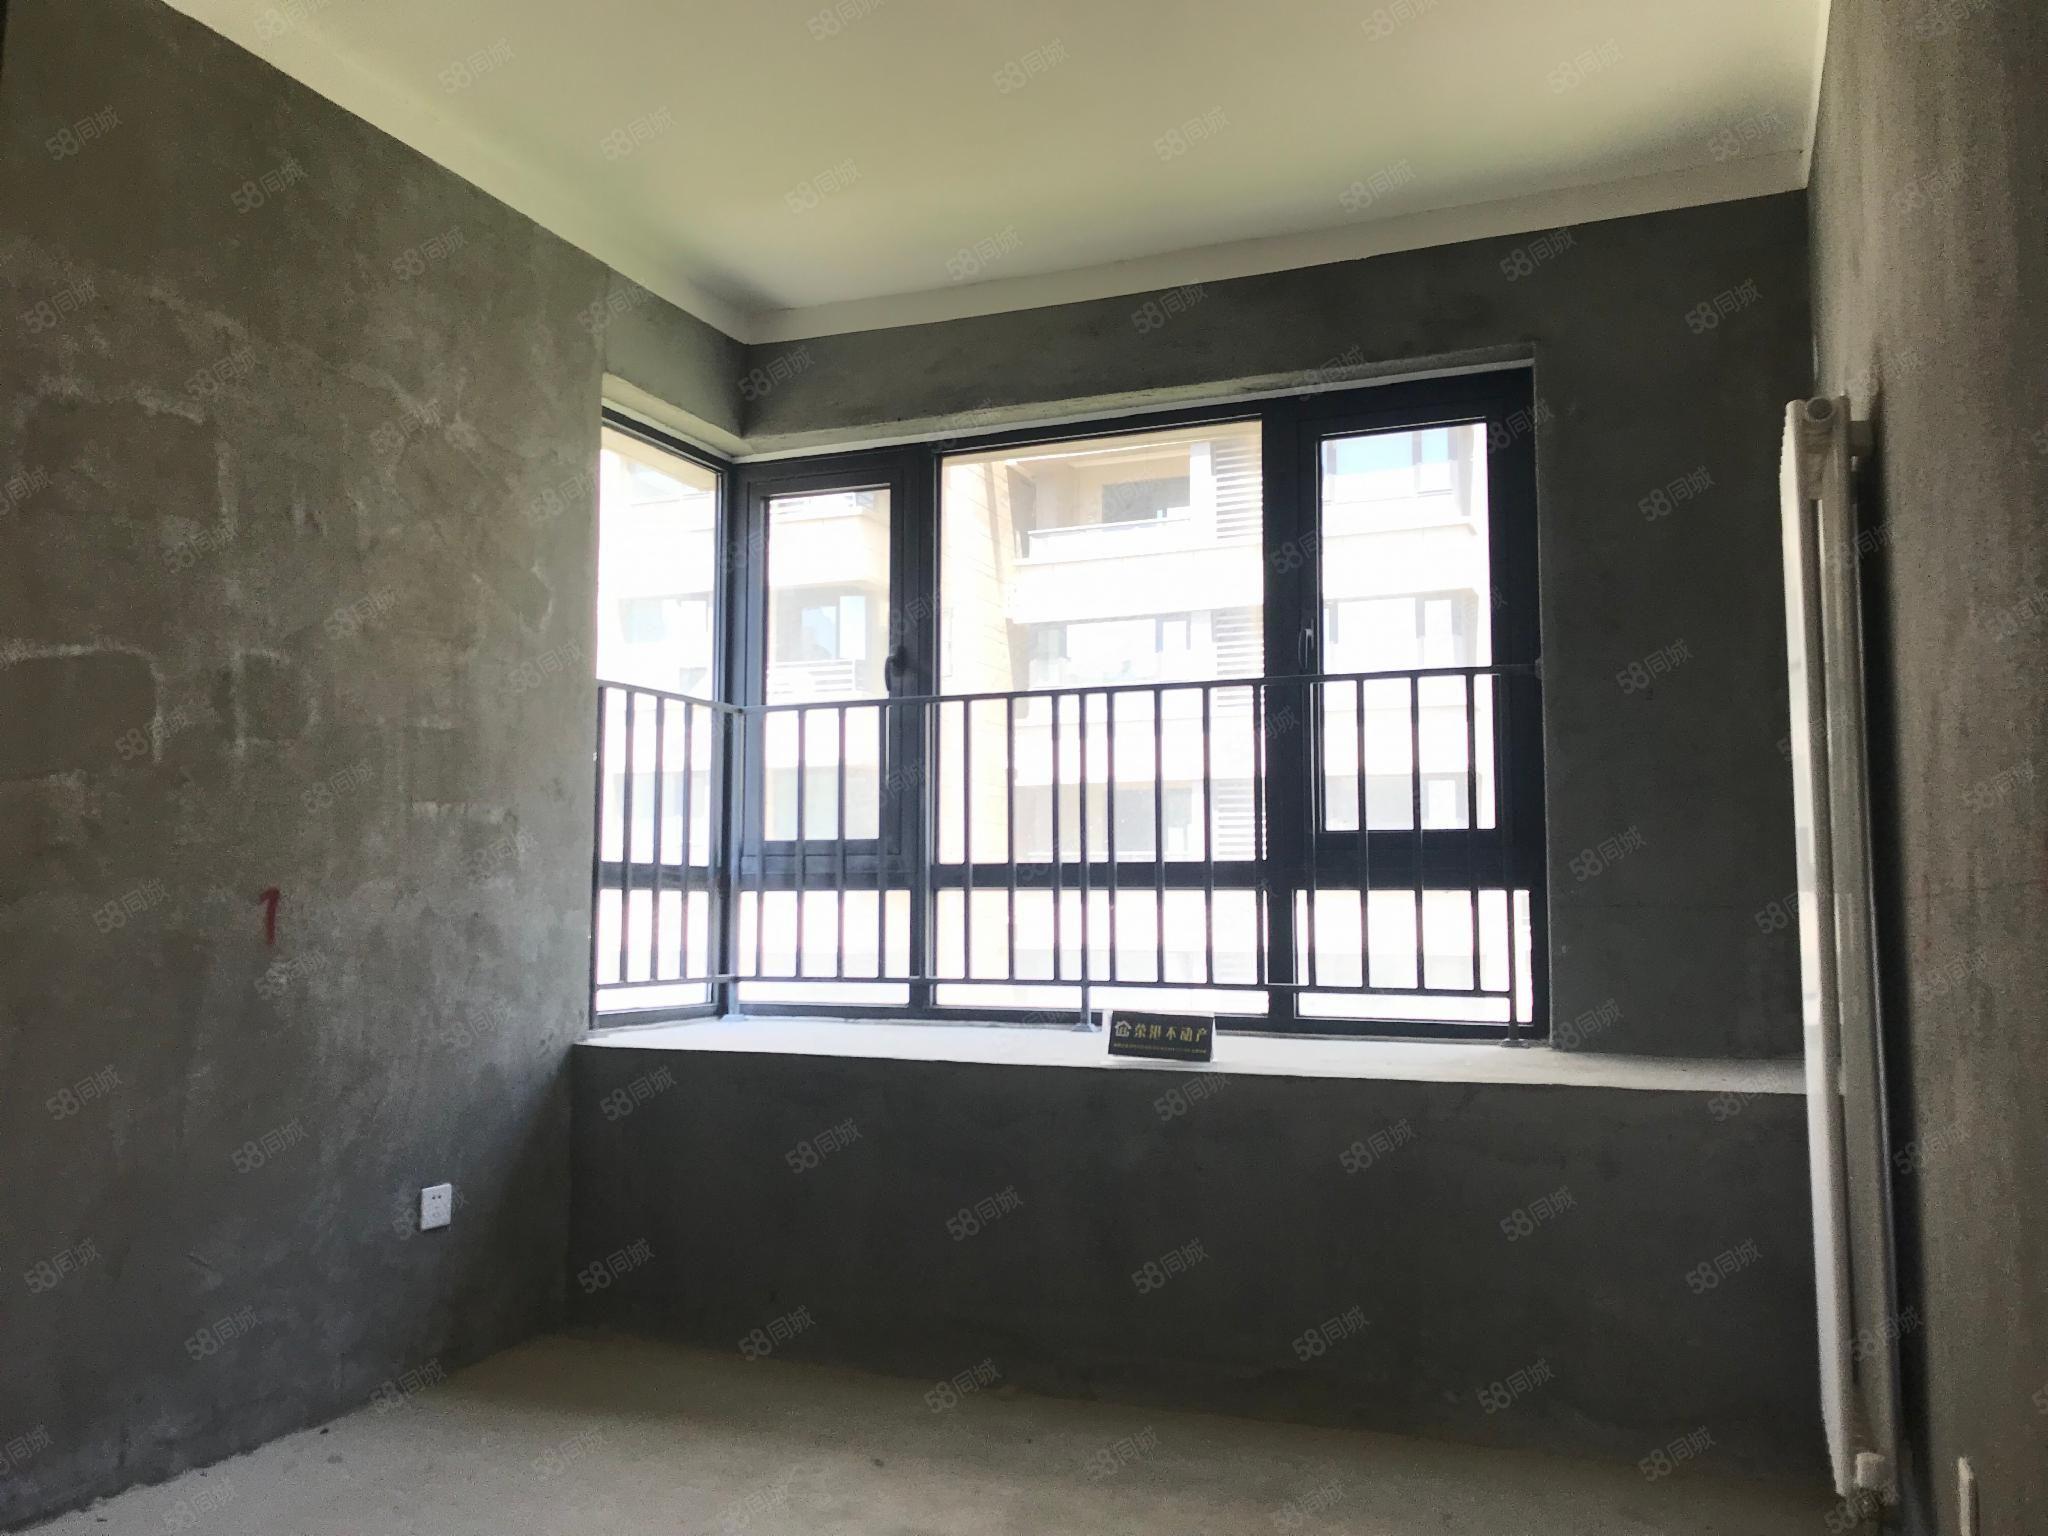 北港地鐵口正弘中央公園南北通三室送大飄窗房東急售看房隨時